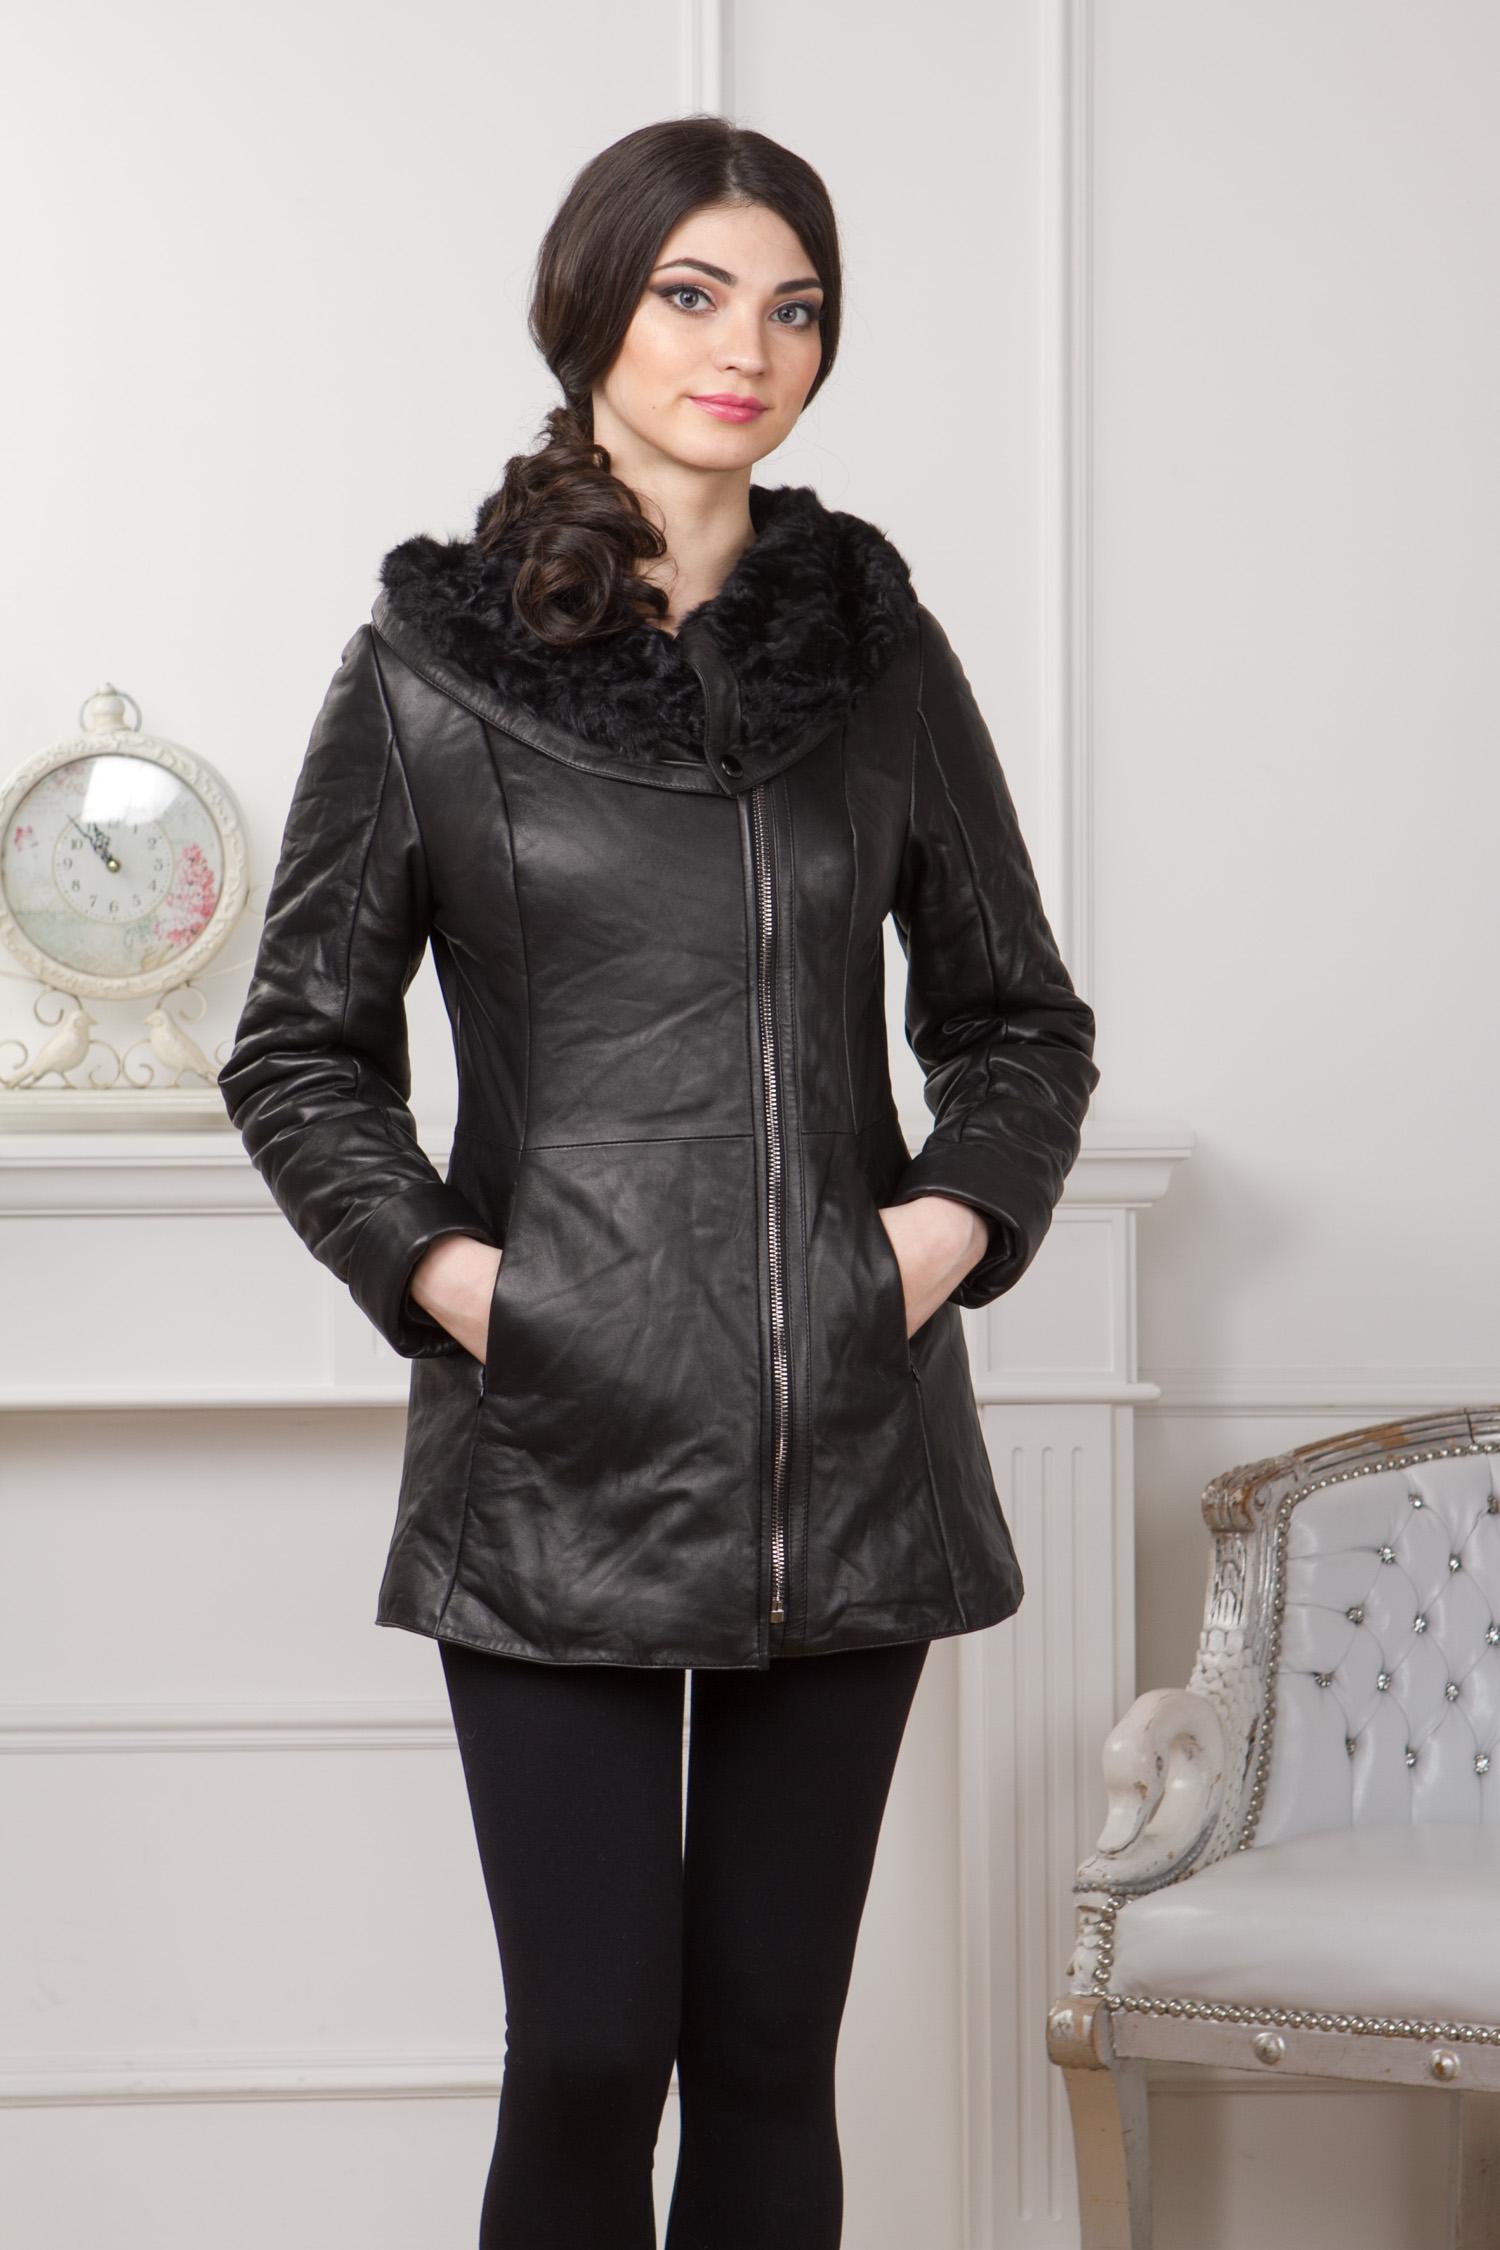 Женская кожаная куртка из натуральной кожи с капюшоном, отделка овчина